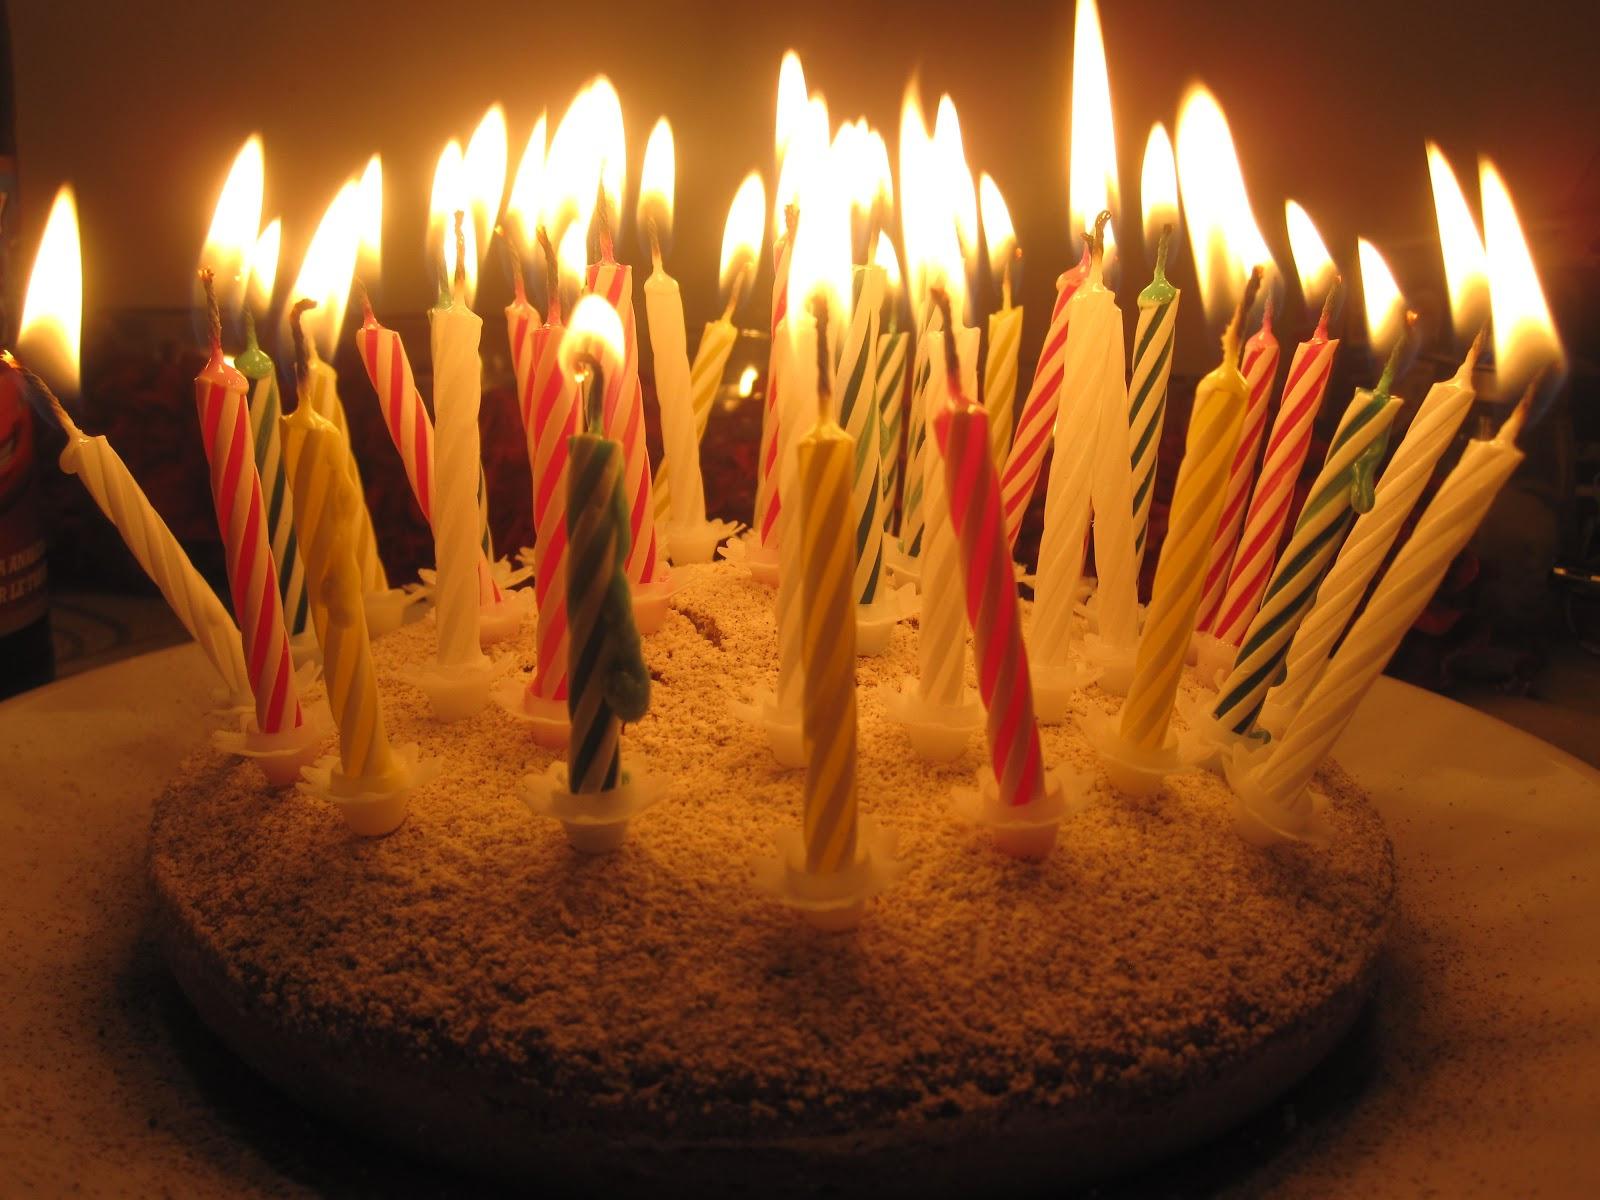 Buon Compleanno Laura frasi e immagini di auguri per una